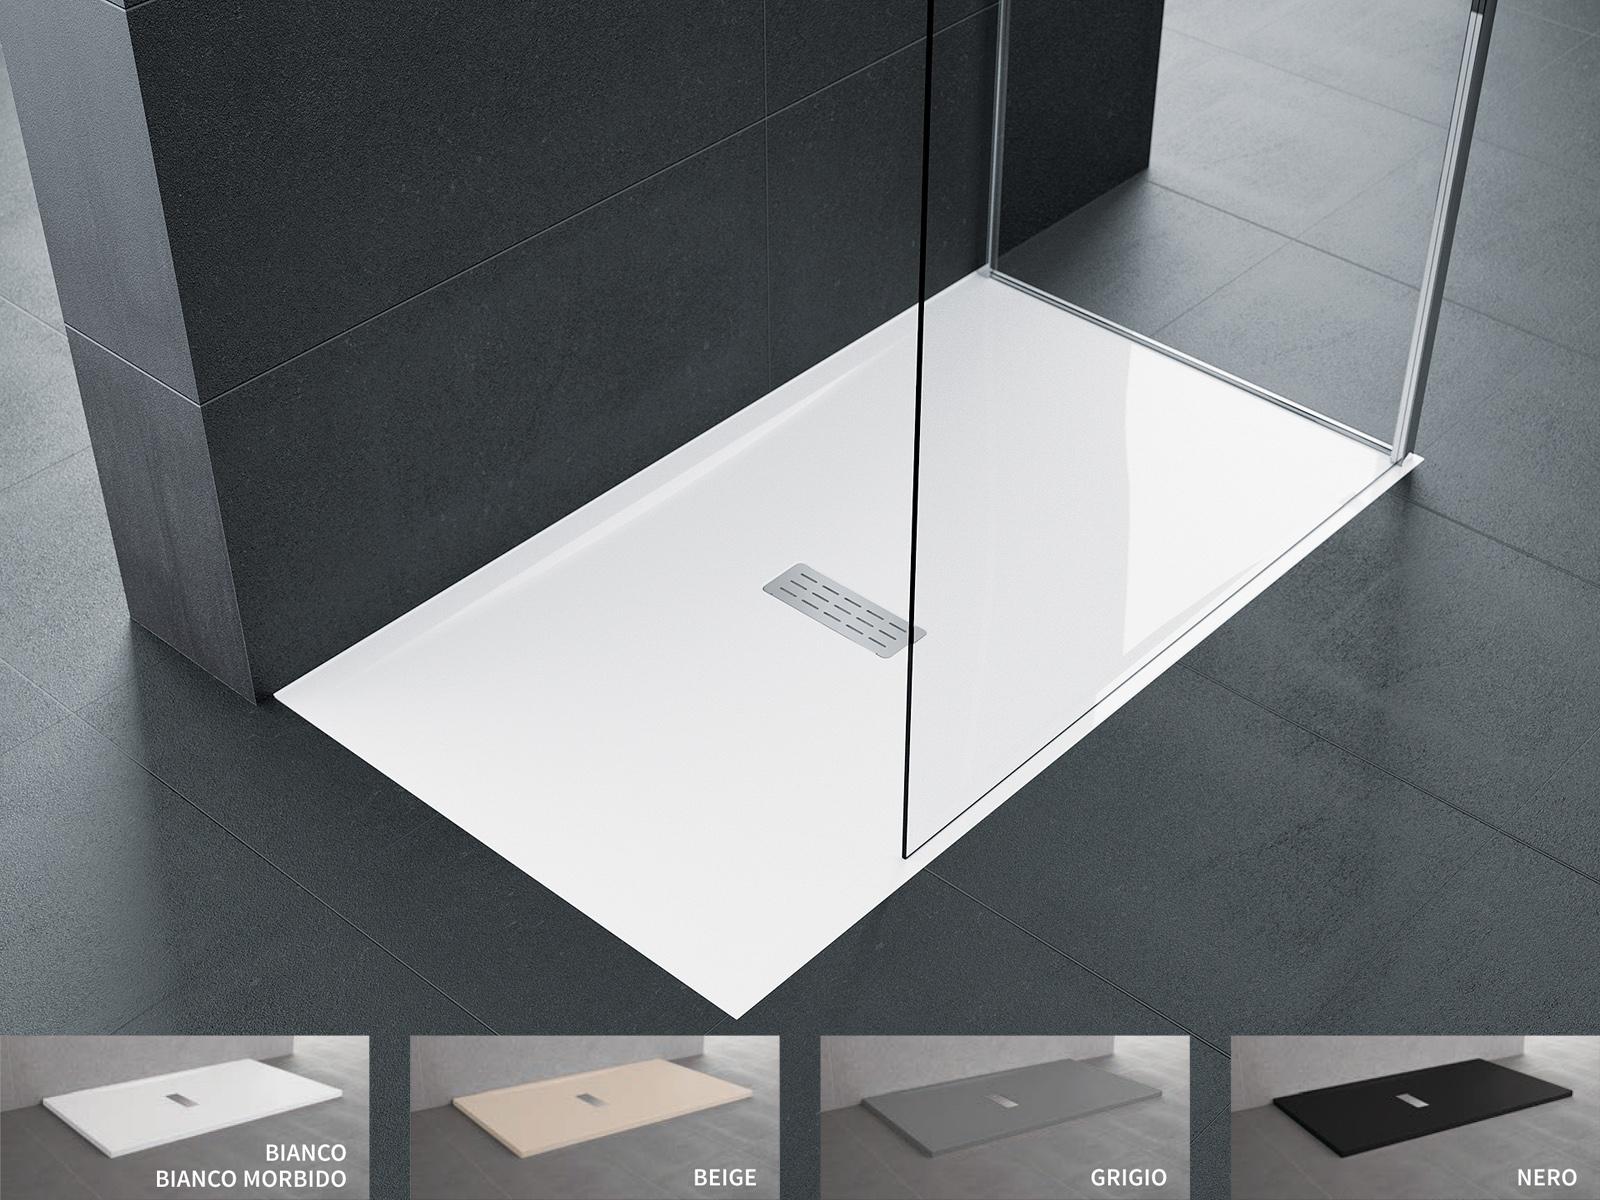 Piatto doccia novellini custom da appoggio filo pavimento sagomabile su misura sintesibagnoblog - Piatto doccia a filo pavimento svantaggi ...